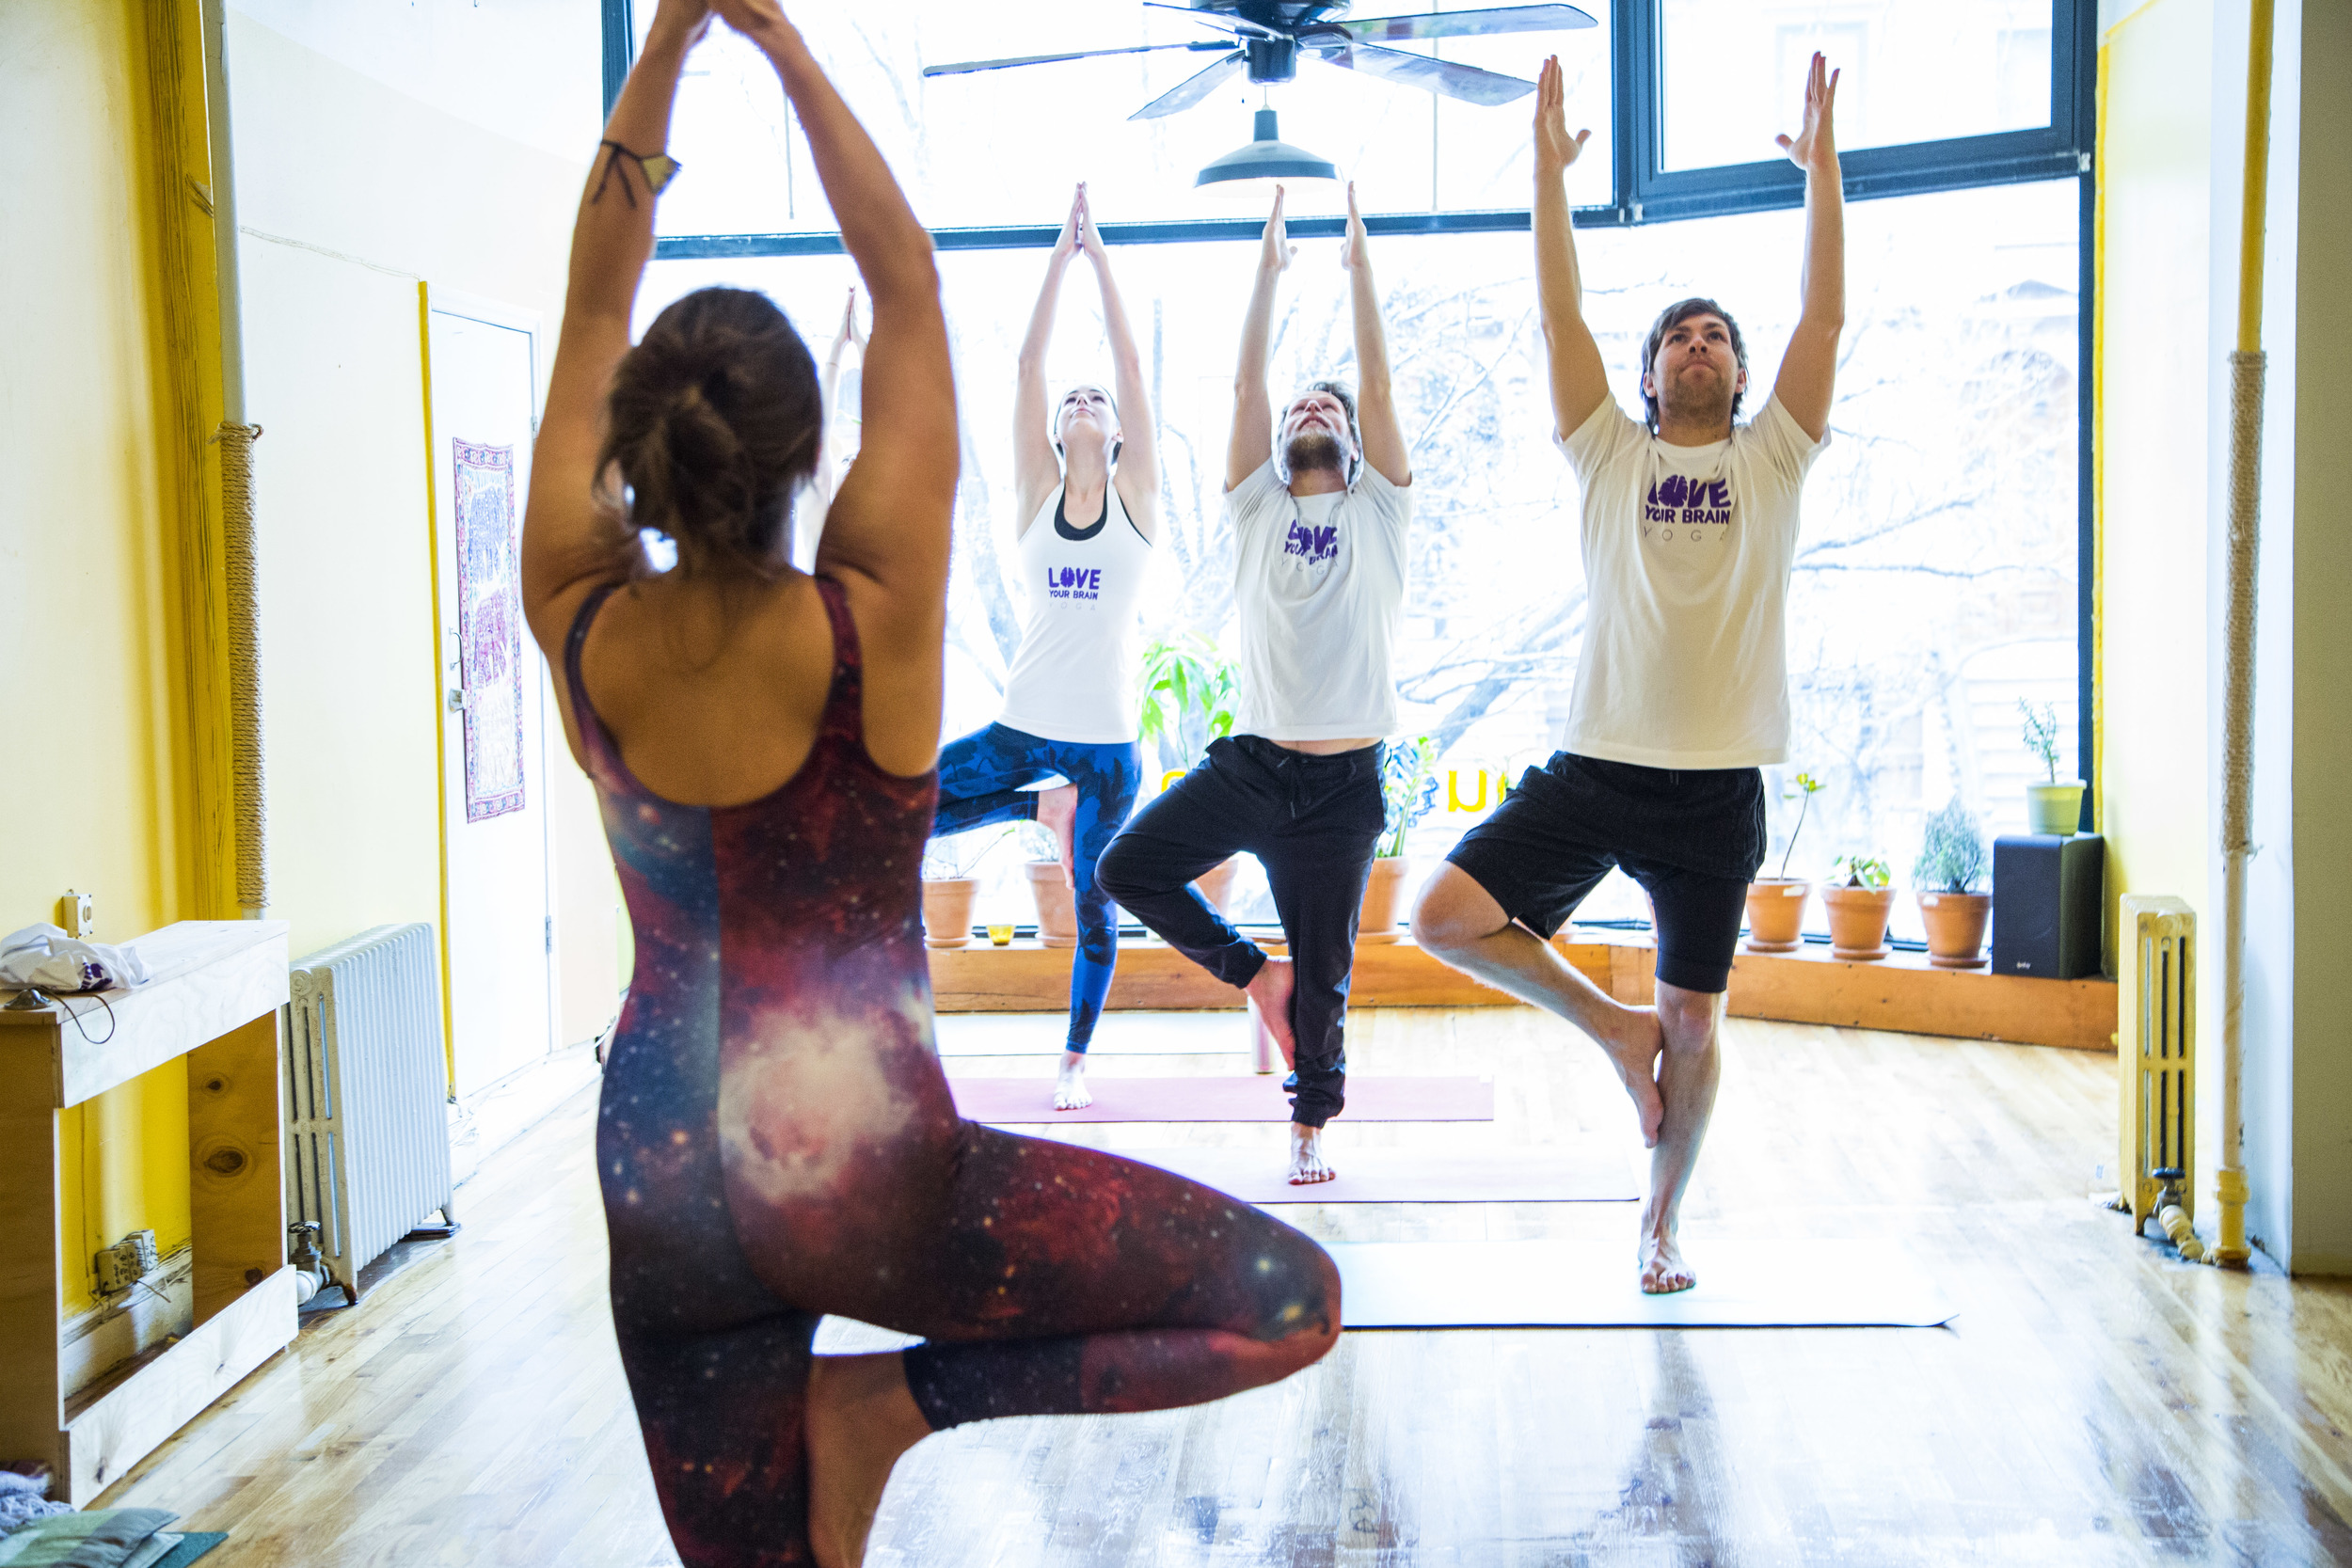 LoveYourBrain group yoga